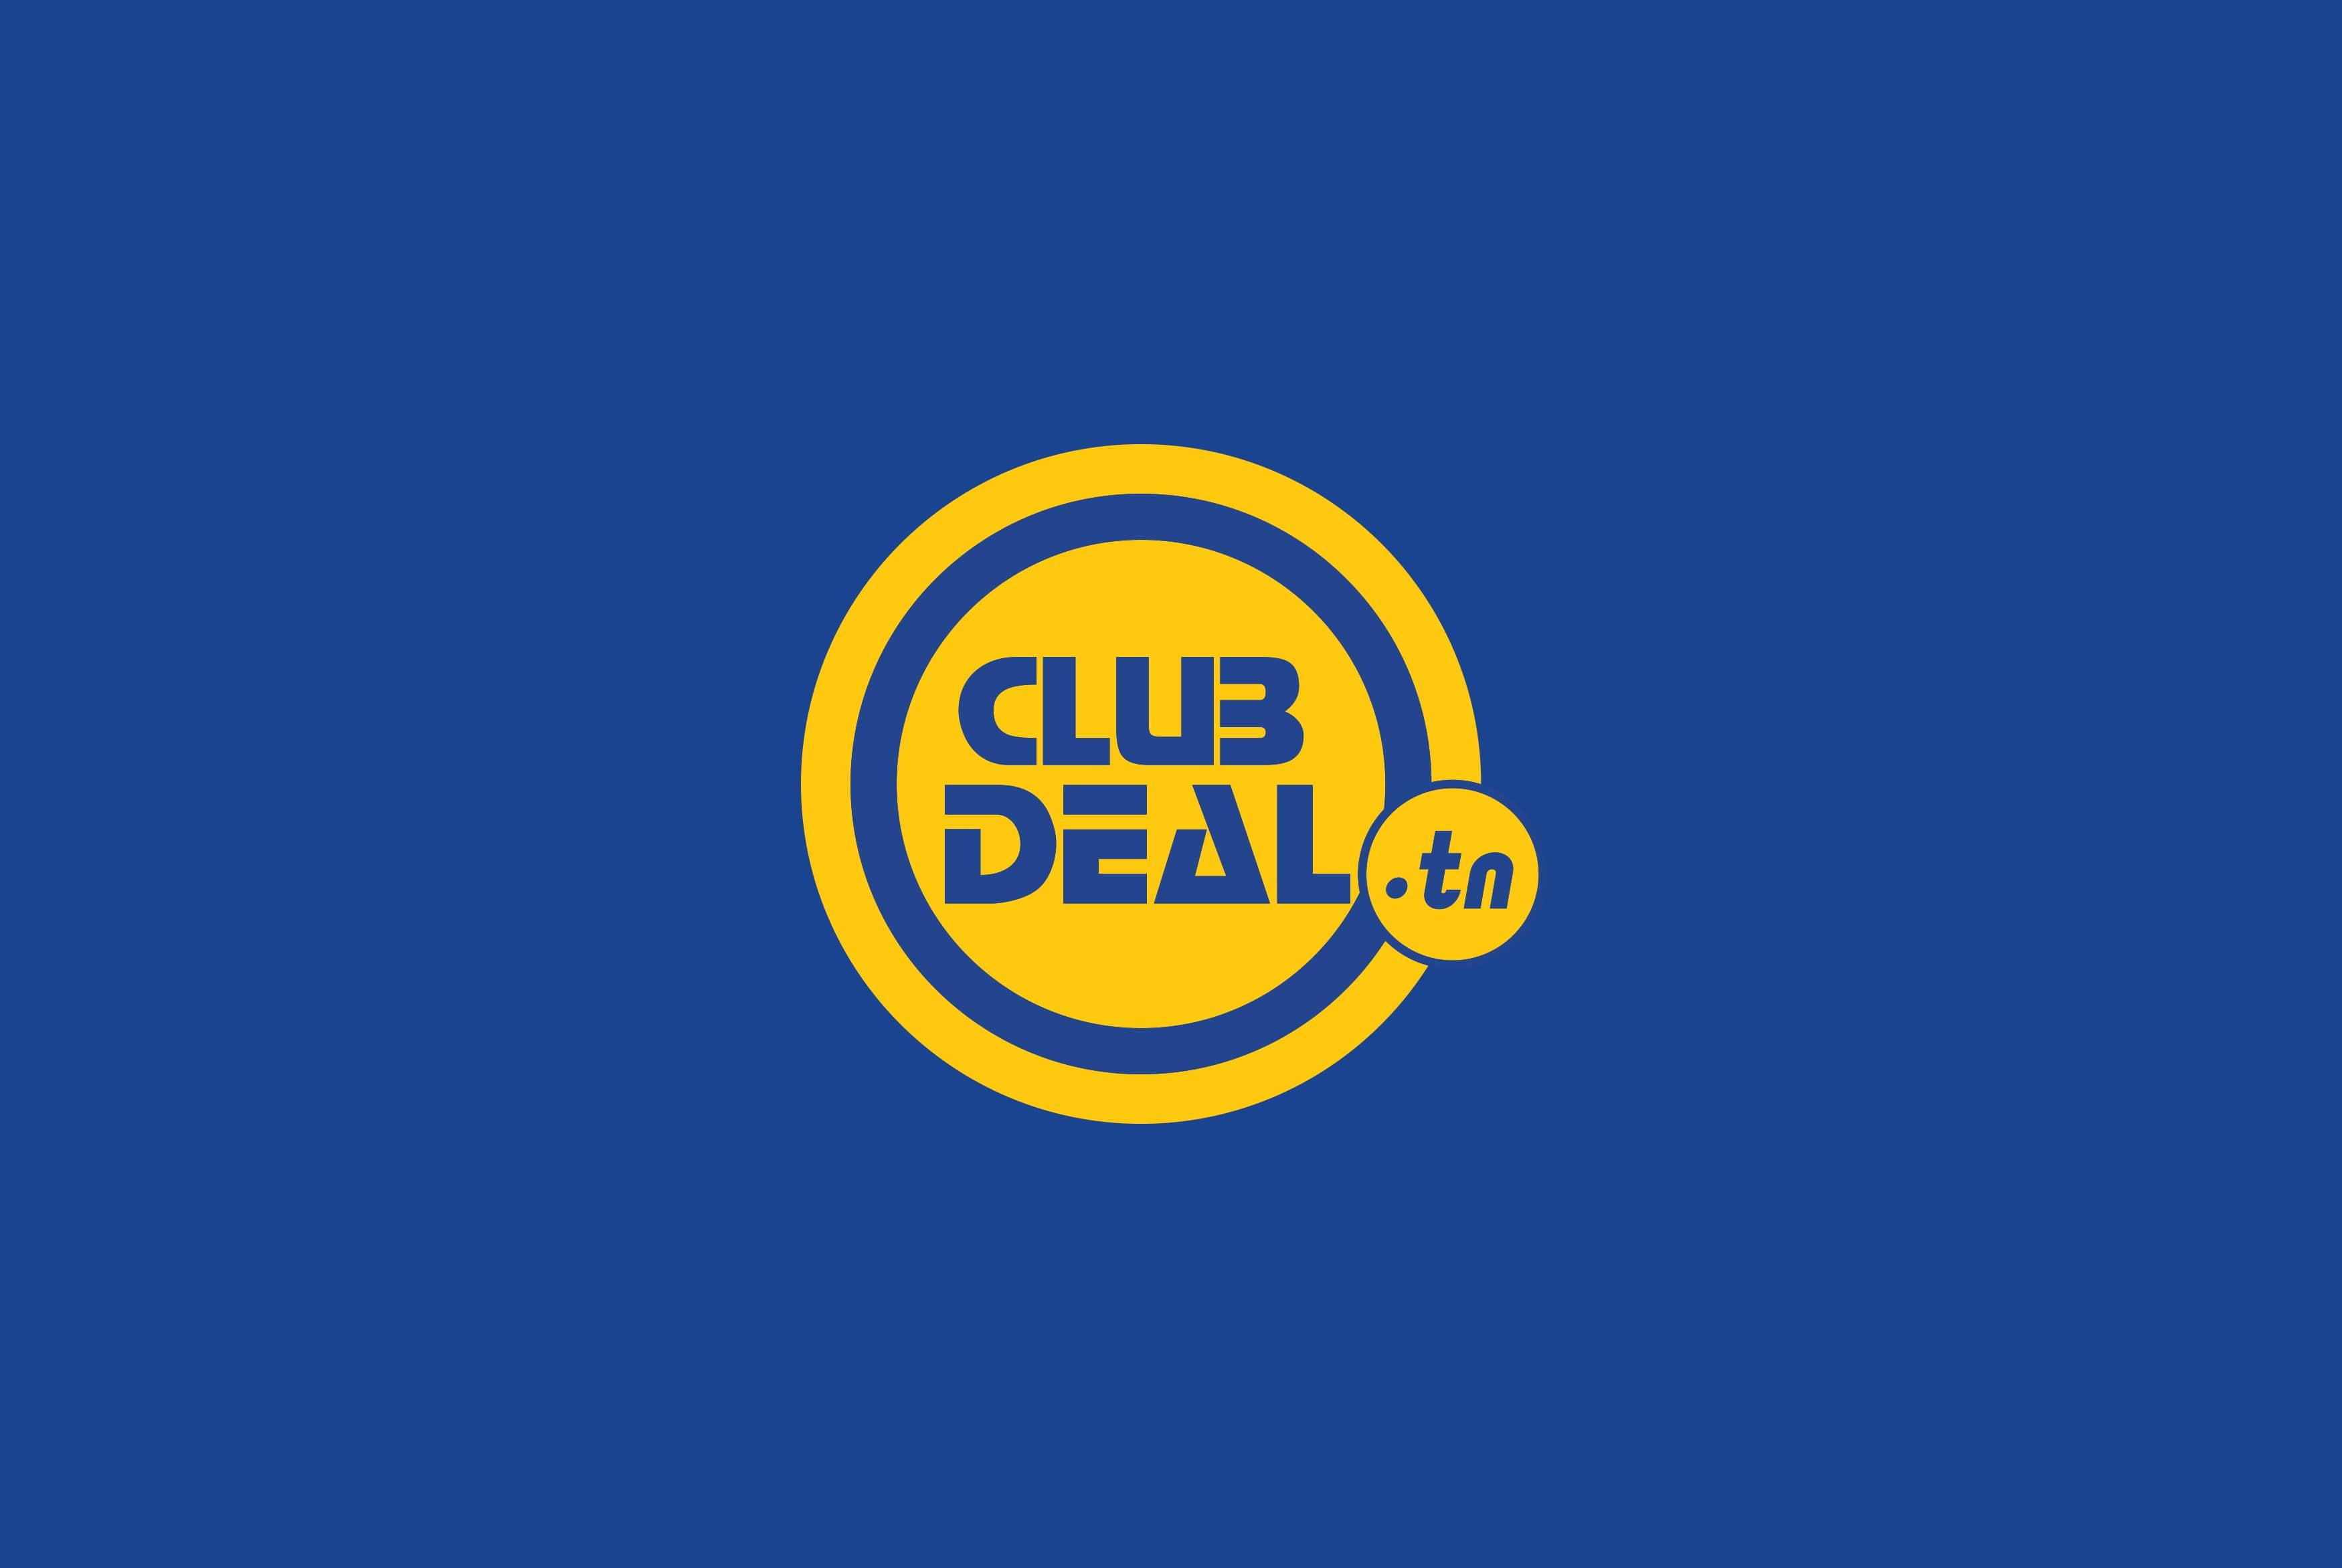 Charte graphique de la marque Club Deal